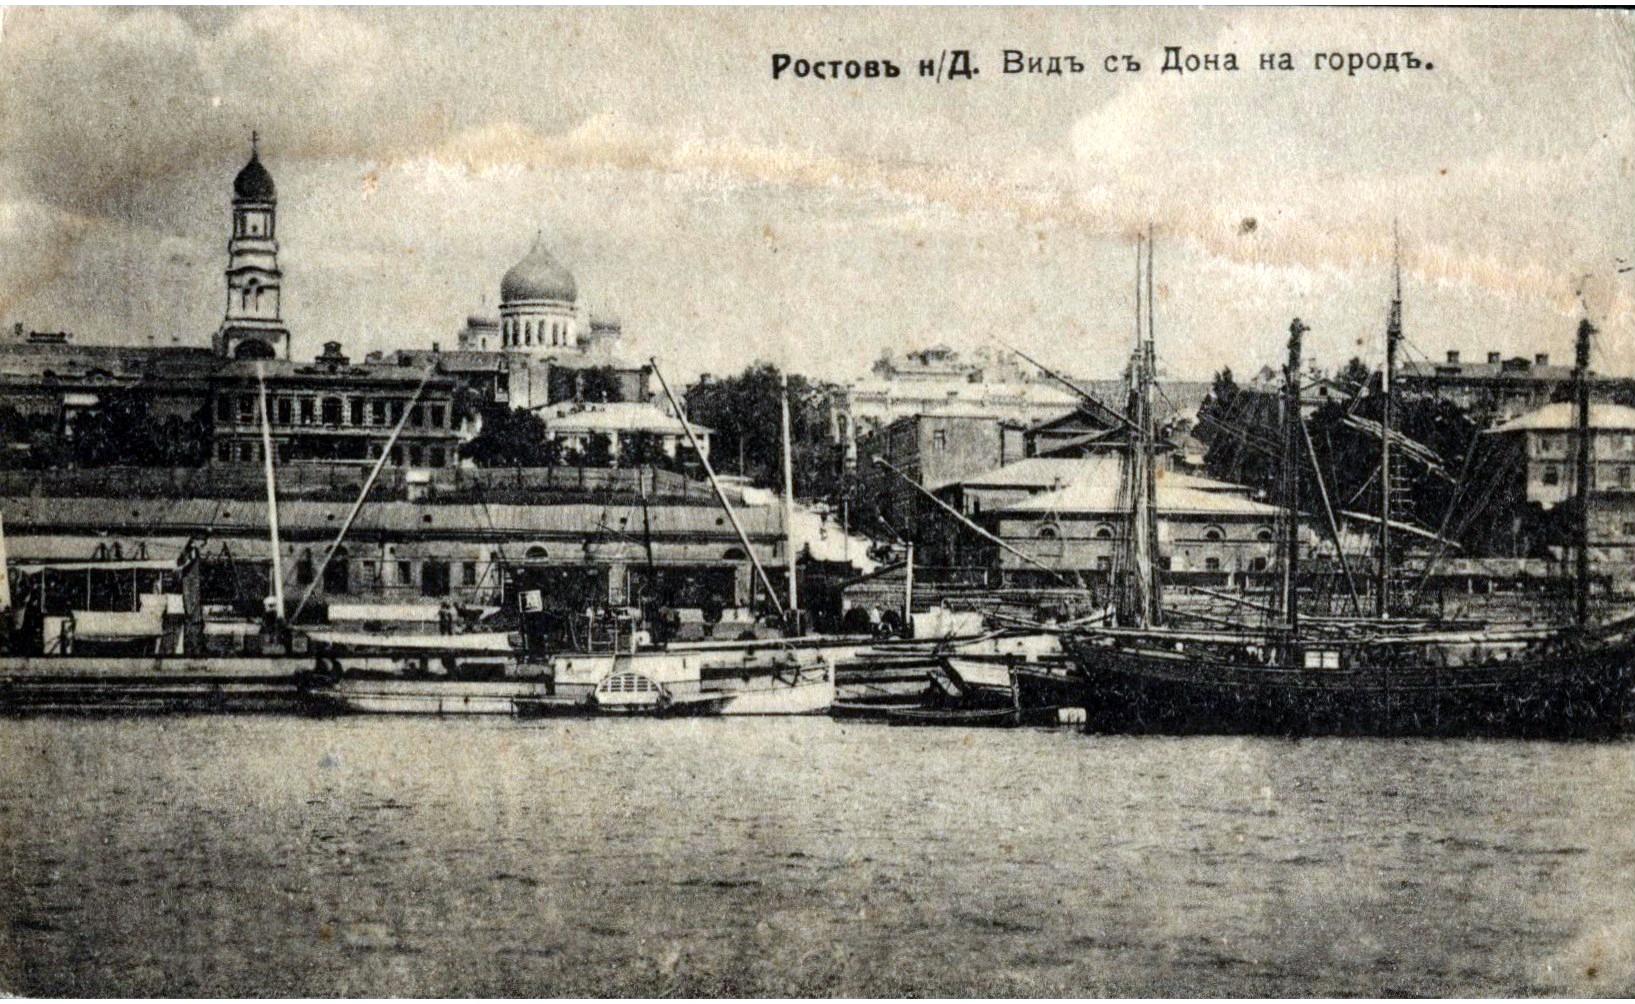 Вид с Дона на город. Изд. А. Рубанчик